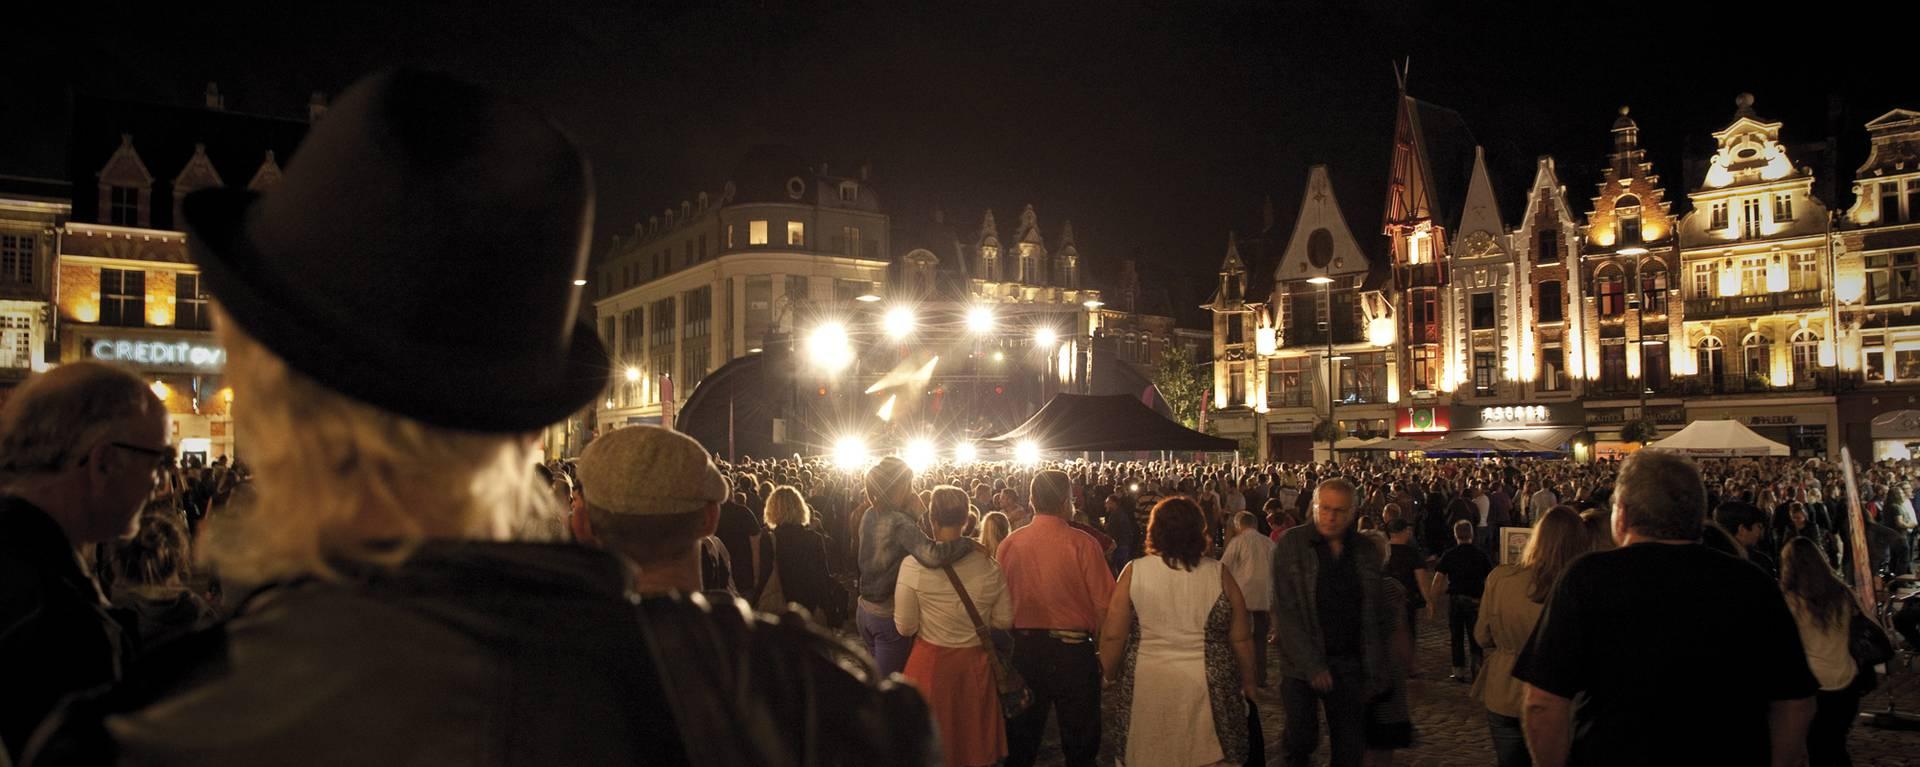 La Grand'Place de Béthune vit au rythme du Rock'N'Roll © Brigitte Baudesson